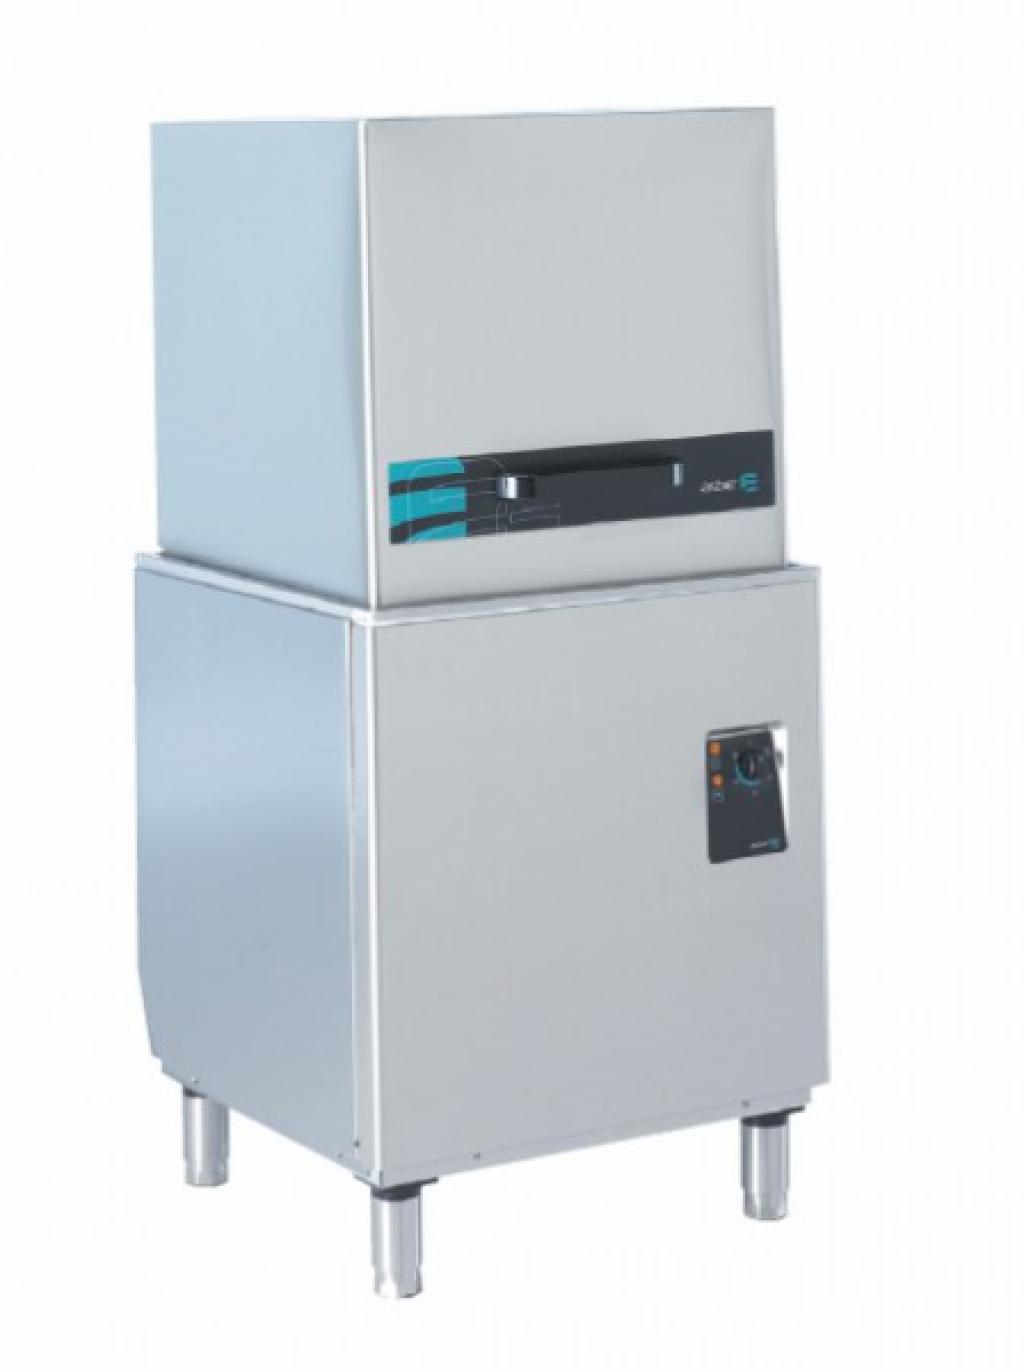 Посудомоечная машина купольного типа с насосом для слива, LABP-100B - купить в интернет-магазине industry-shop.ru